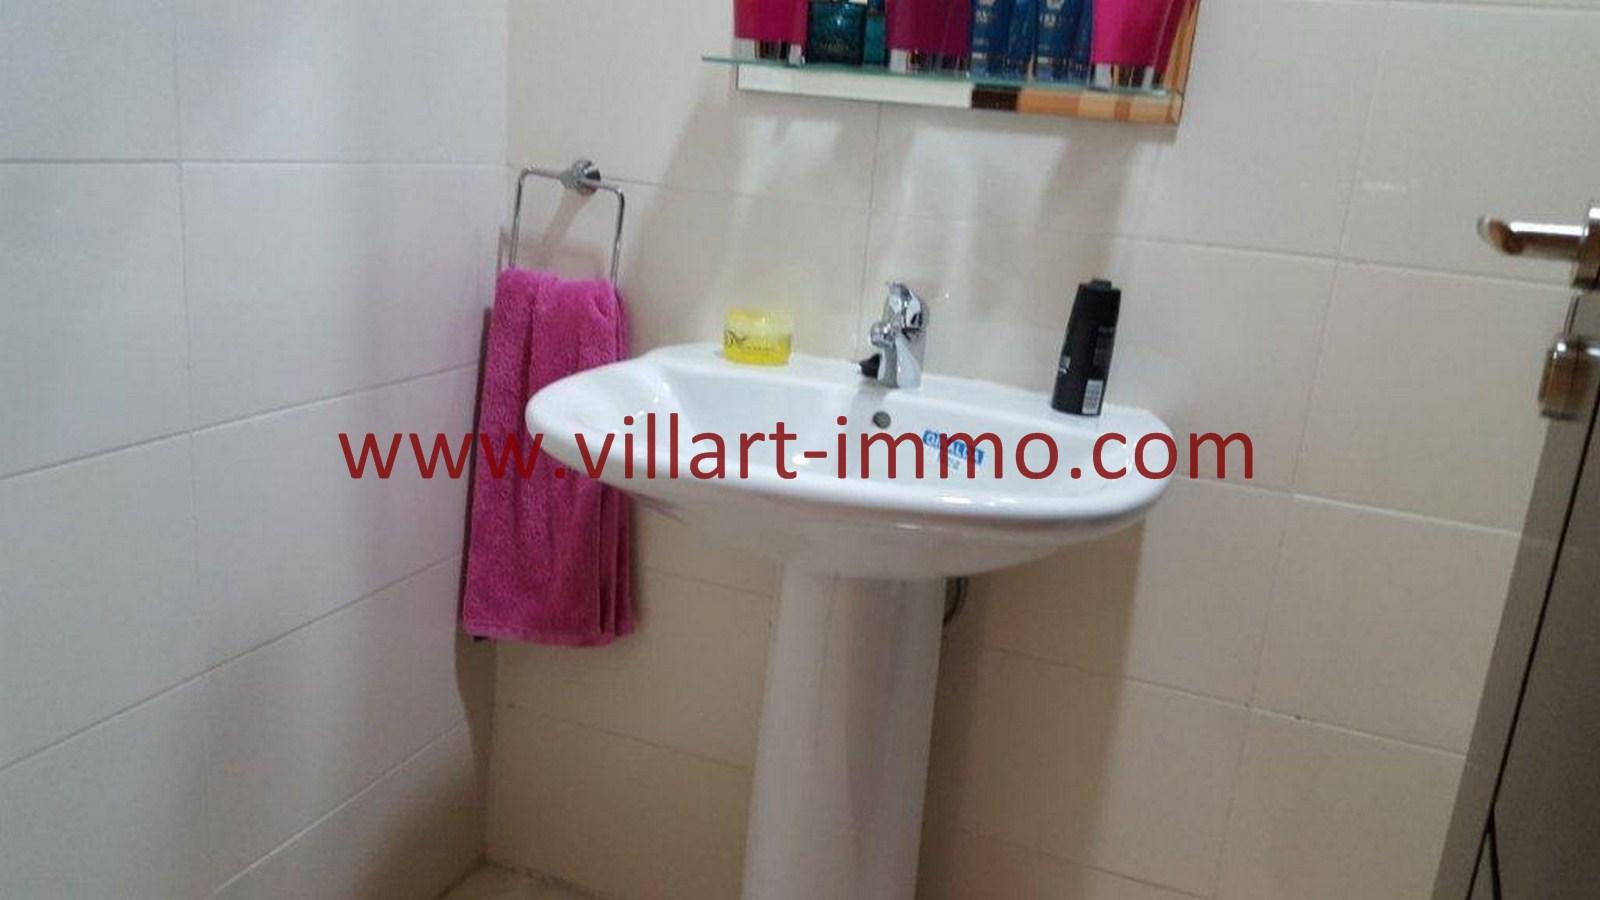 7-Vente-Appartement-Tanger-Toilette de service -VA514-Route de Rabat-Villart Immo